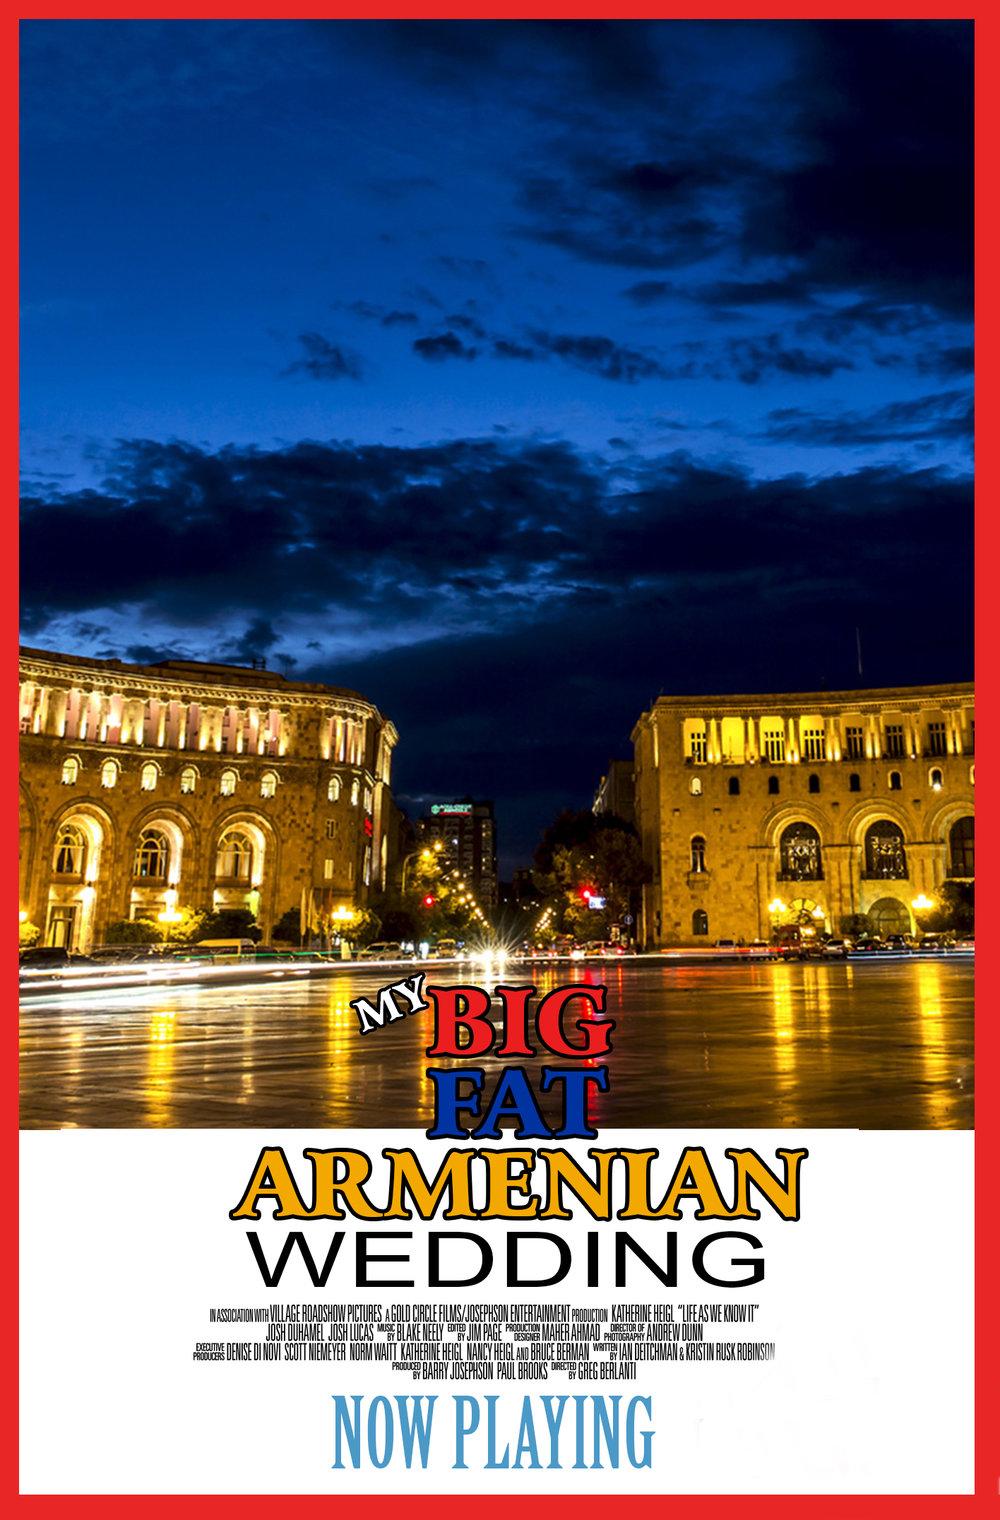 My Big Fat Armenian Wedding